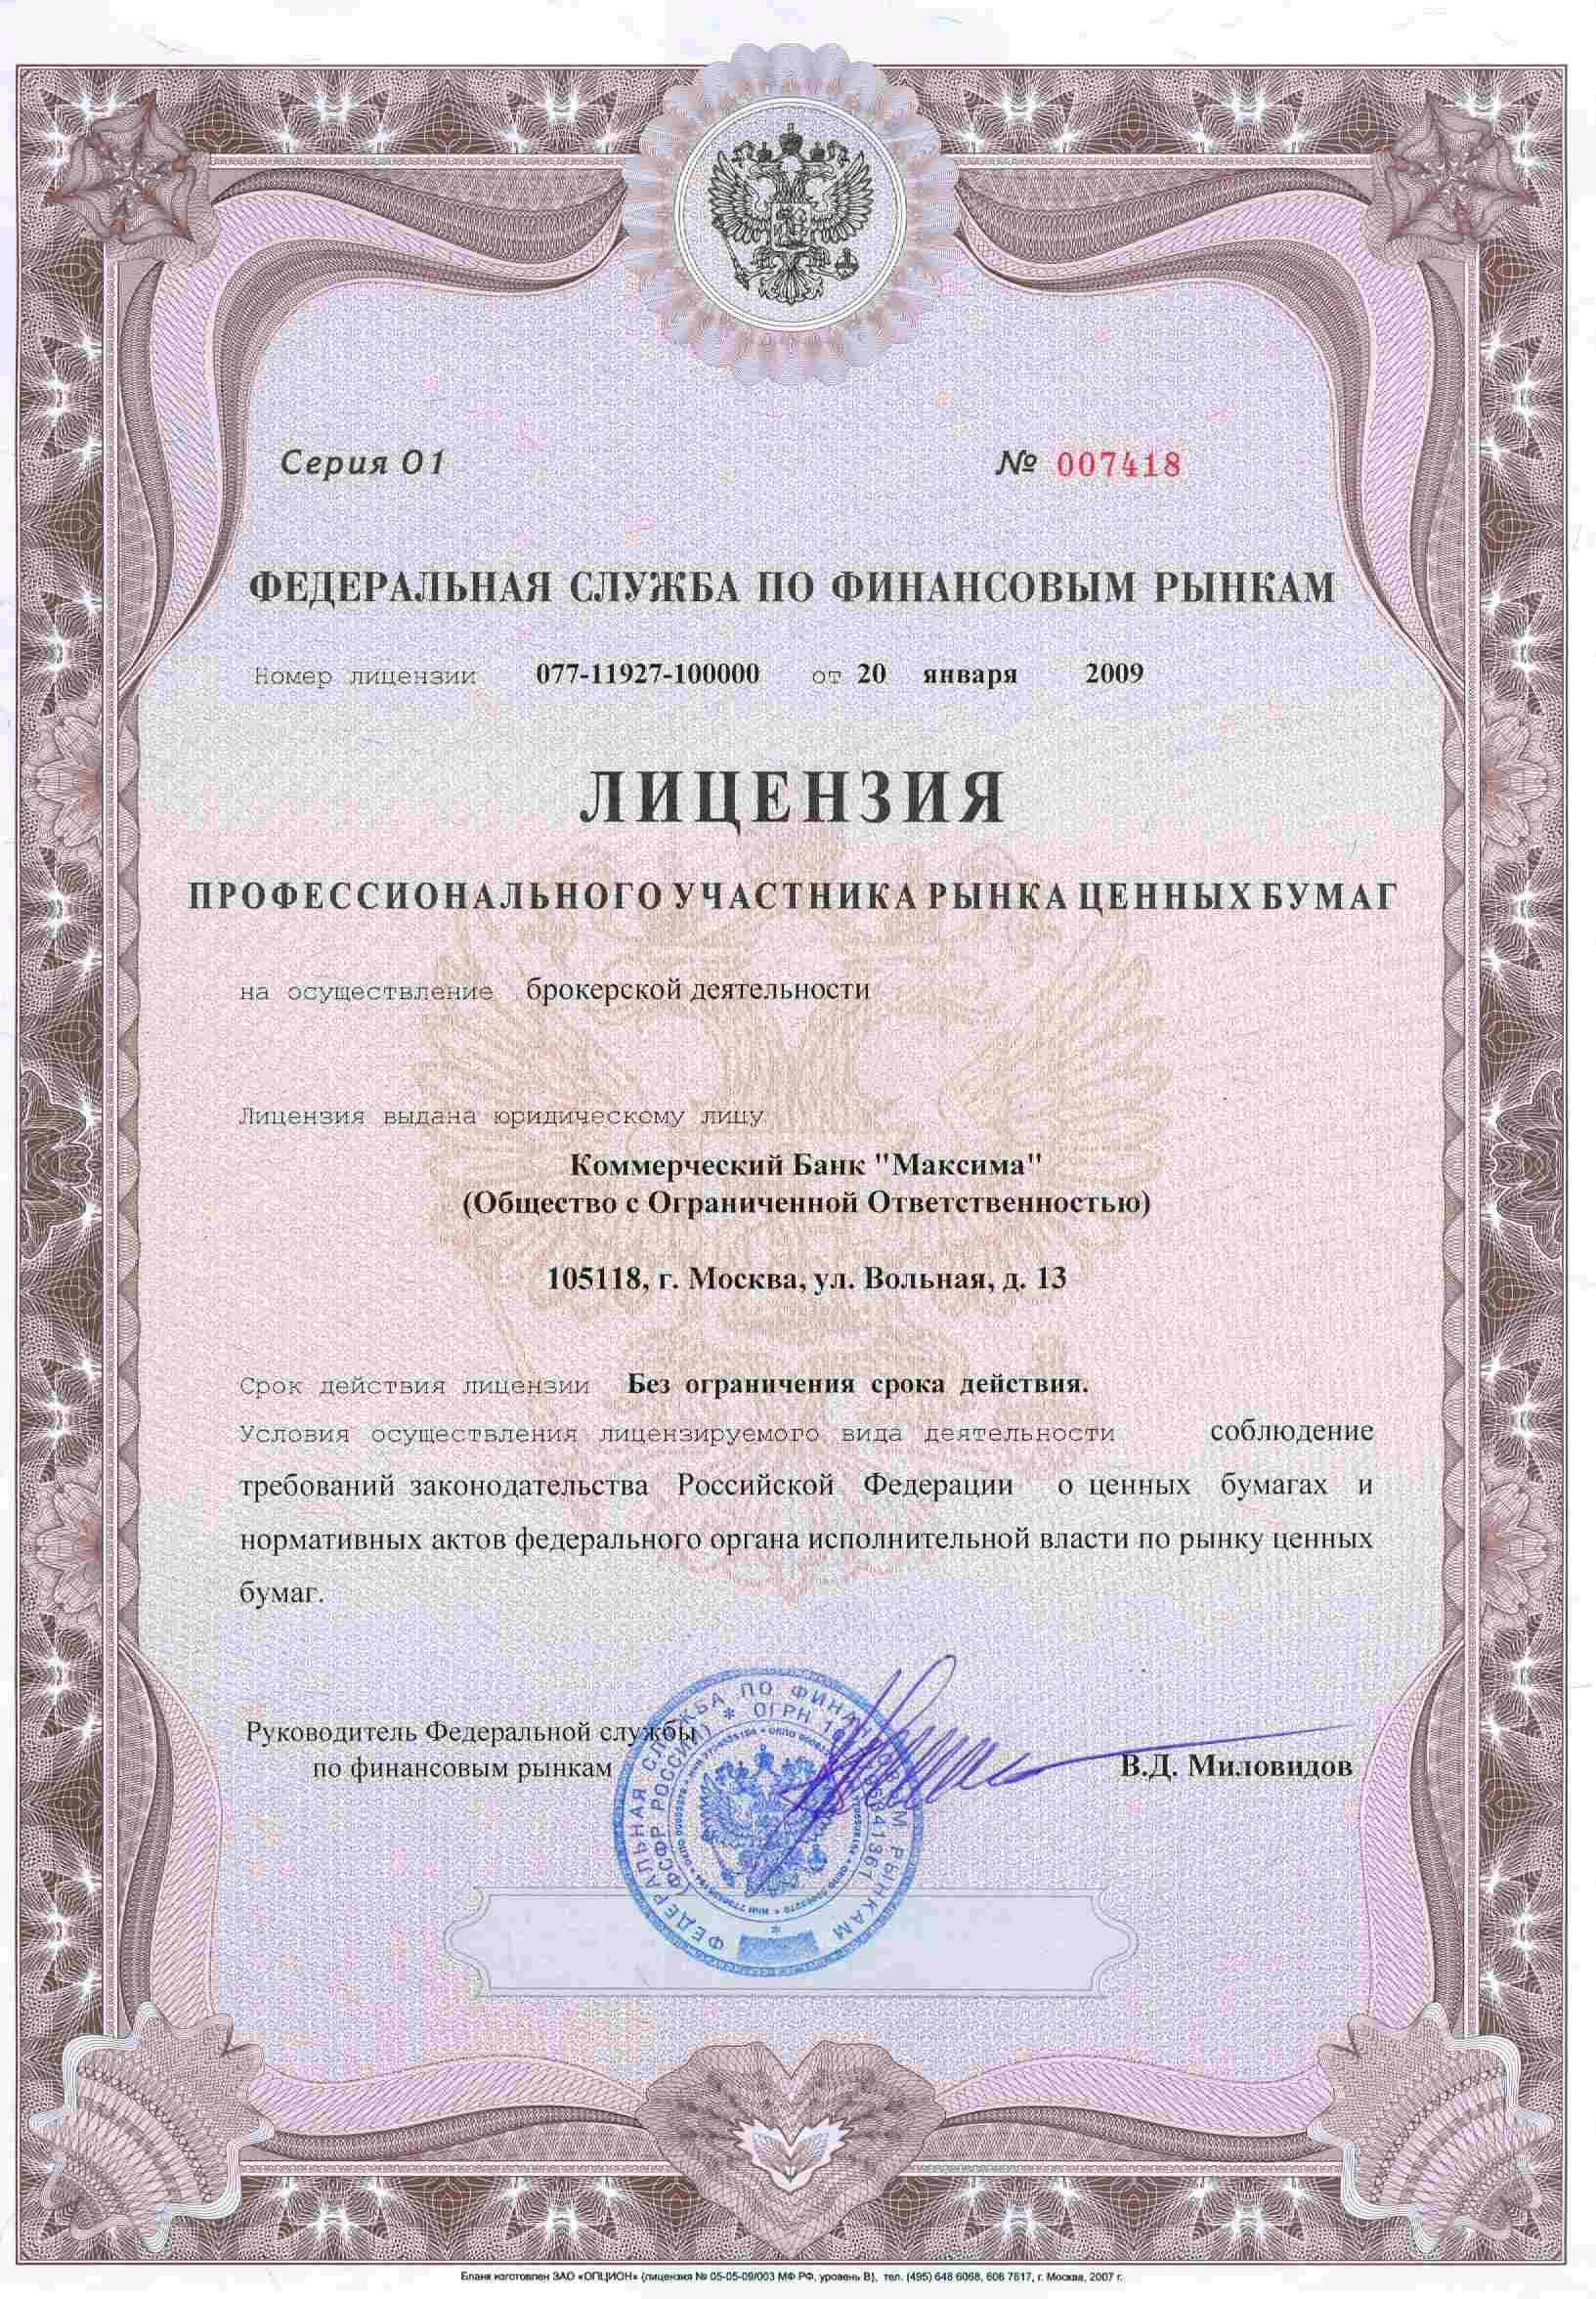 Щелкните по изображению для просмотра лицензии